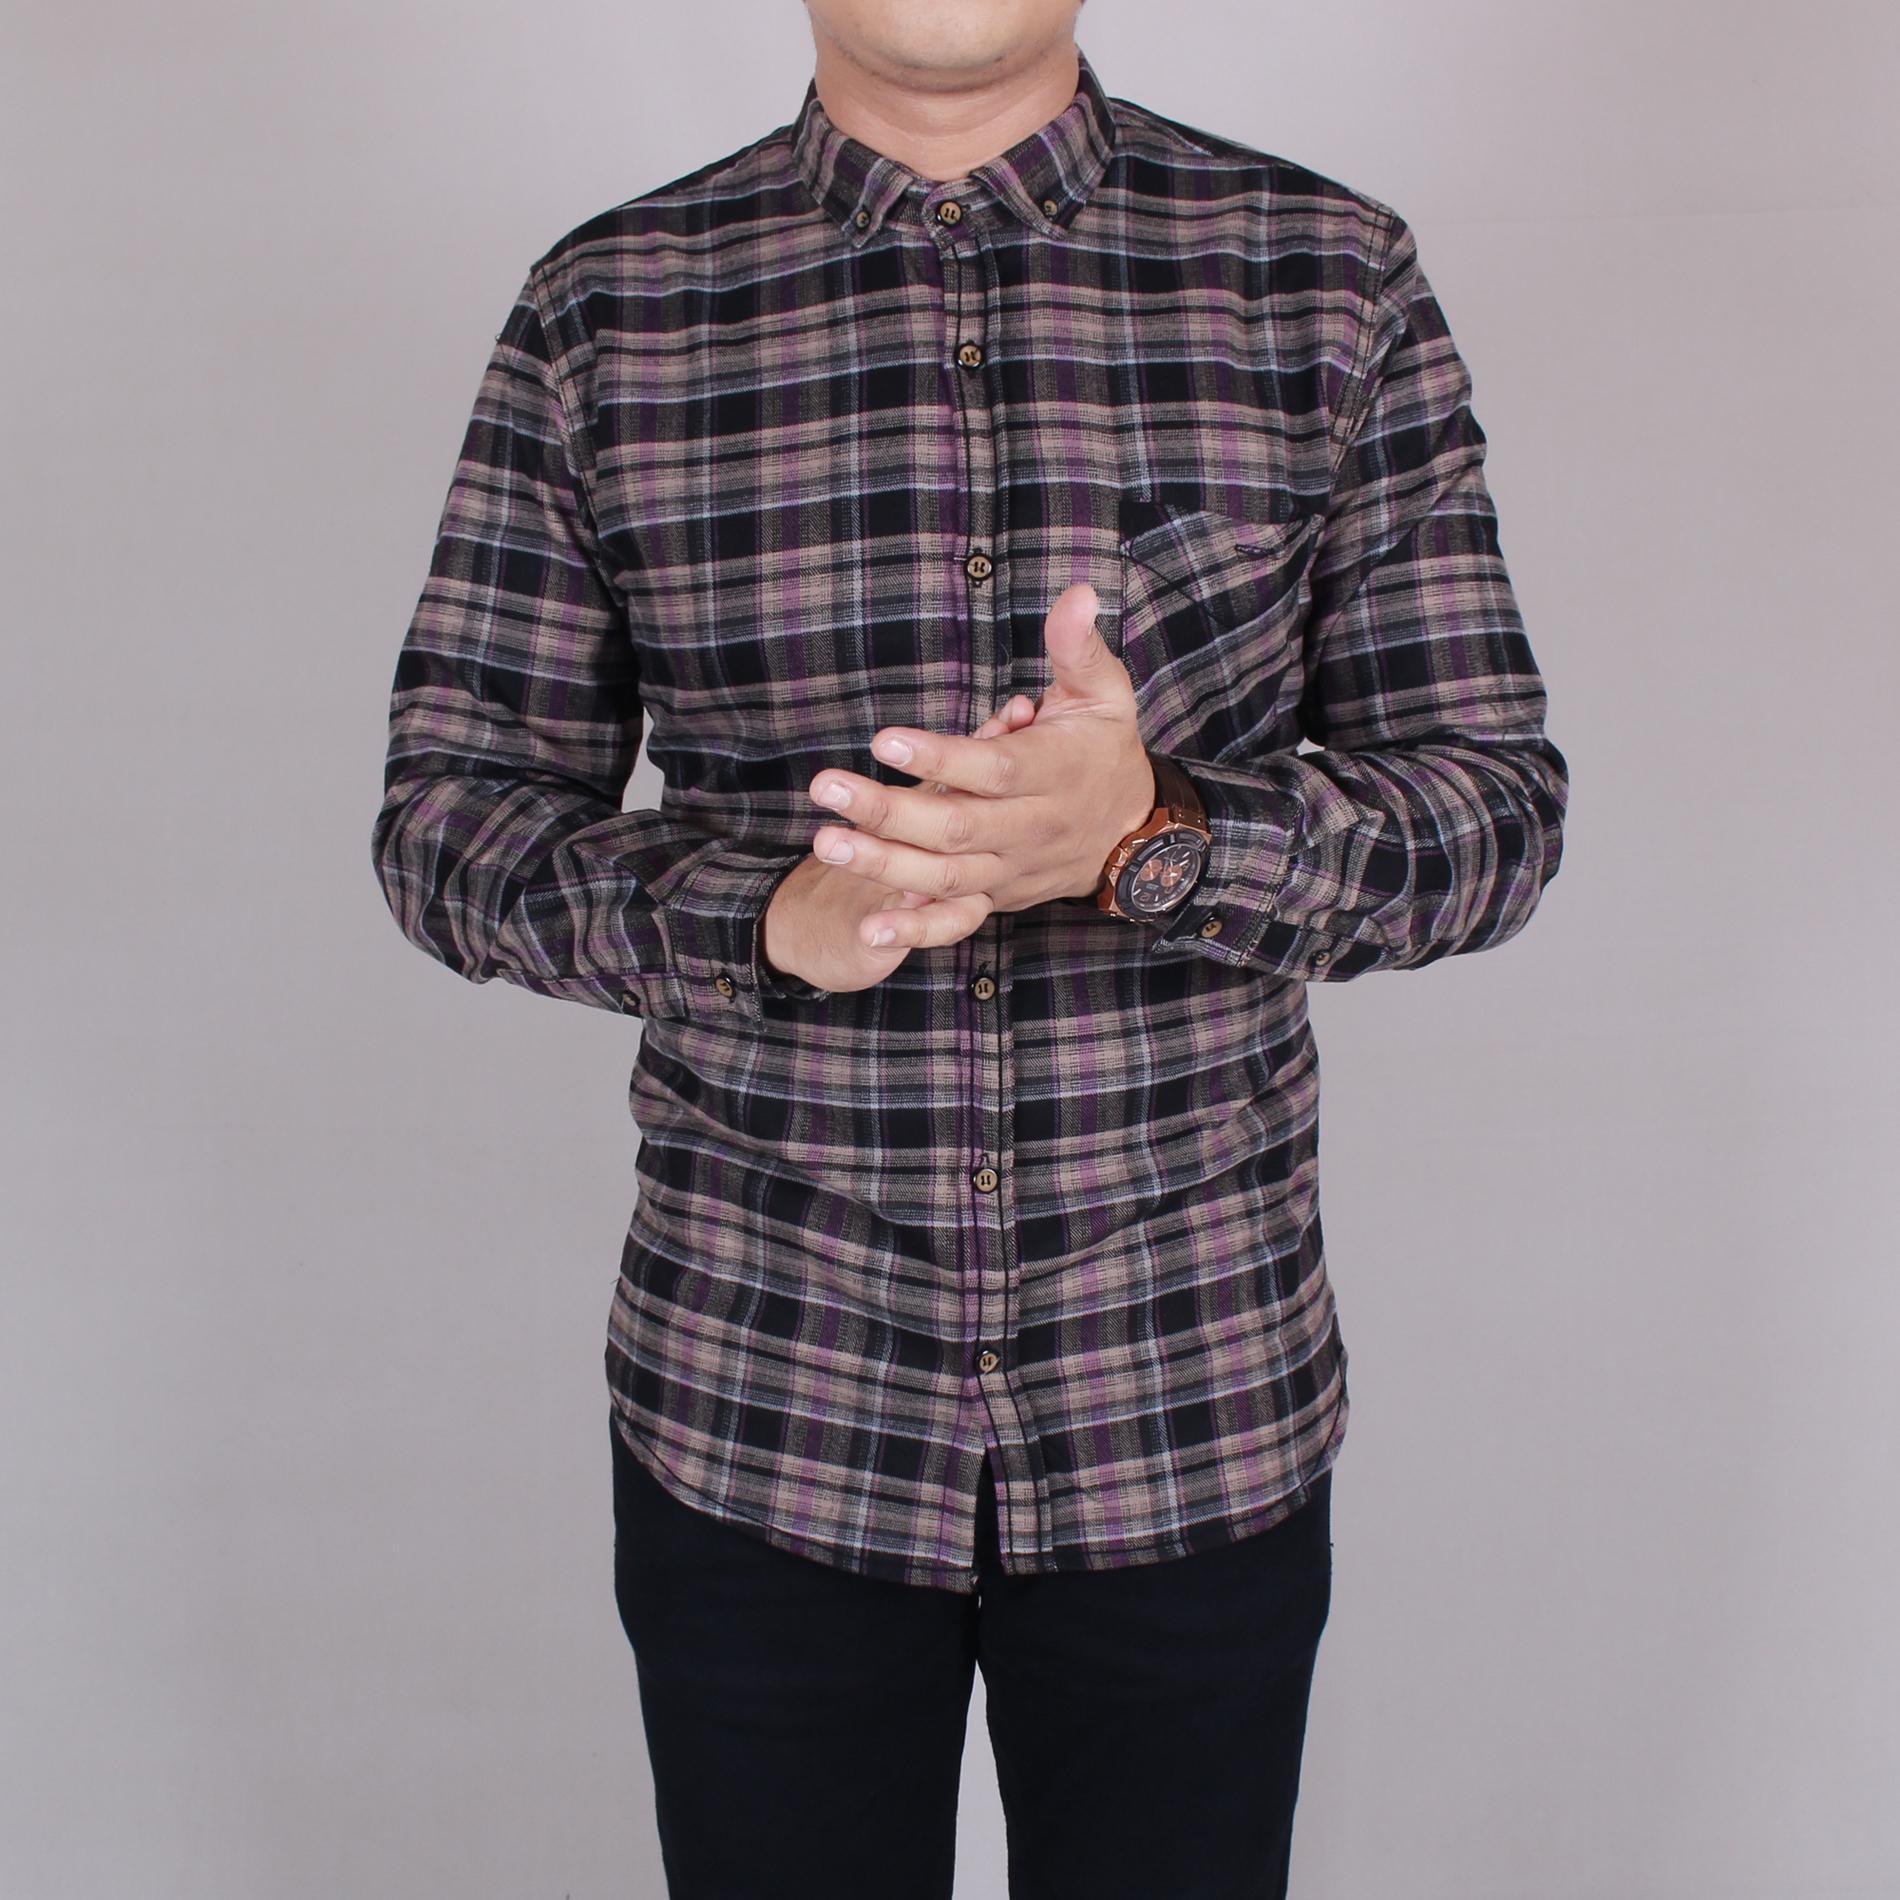 Zoeystore1 6030 Kemeja Flanel Pria Lengan Panjang Exclusive Baju Kemeja Flannel Cowok Kerja Kantoran Formal Coklat Campur Hitam Exclusive